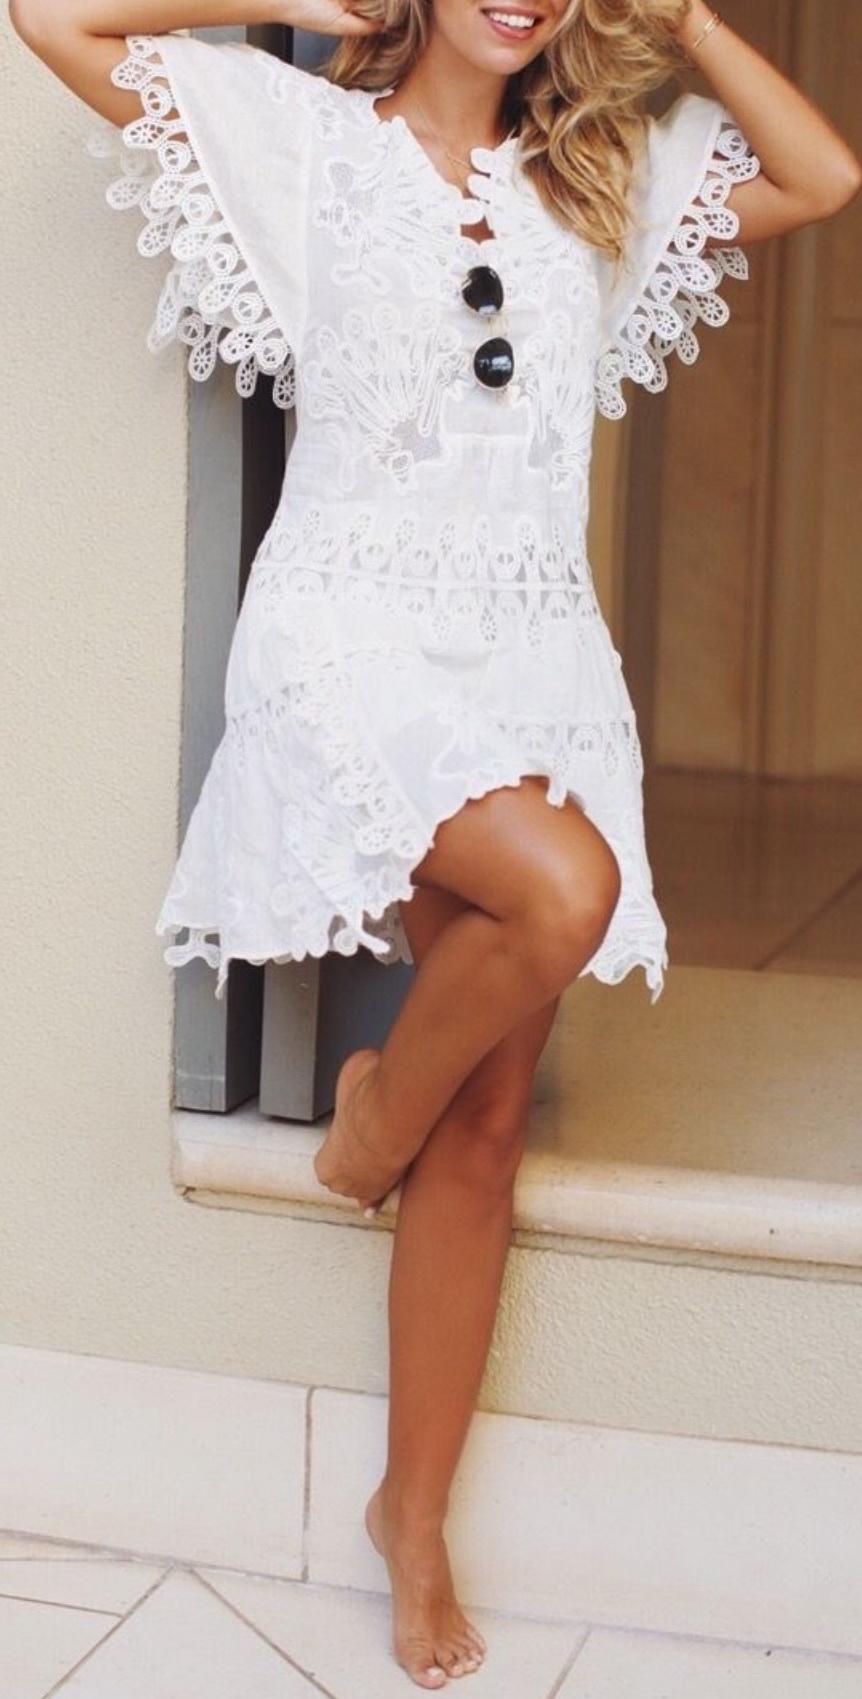 http://natashaoakleyblog.com/forever-wearing-white/